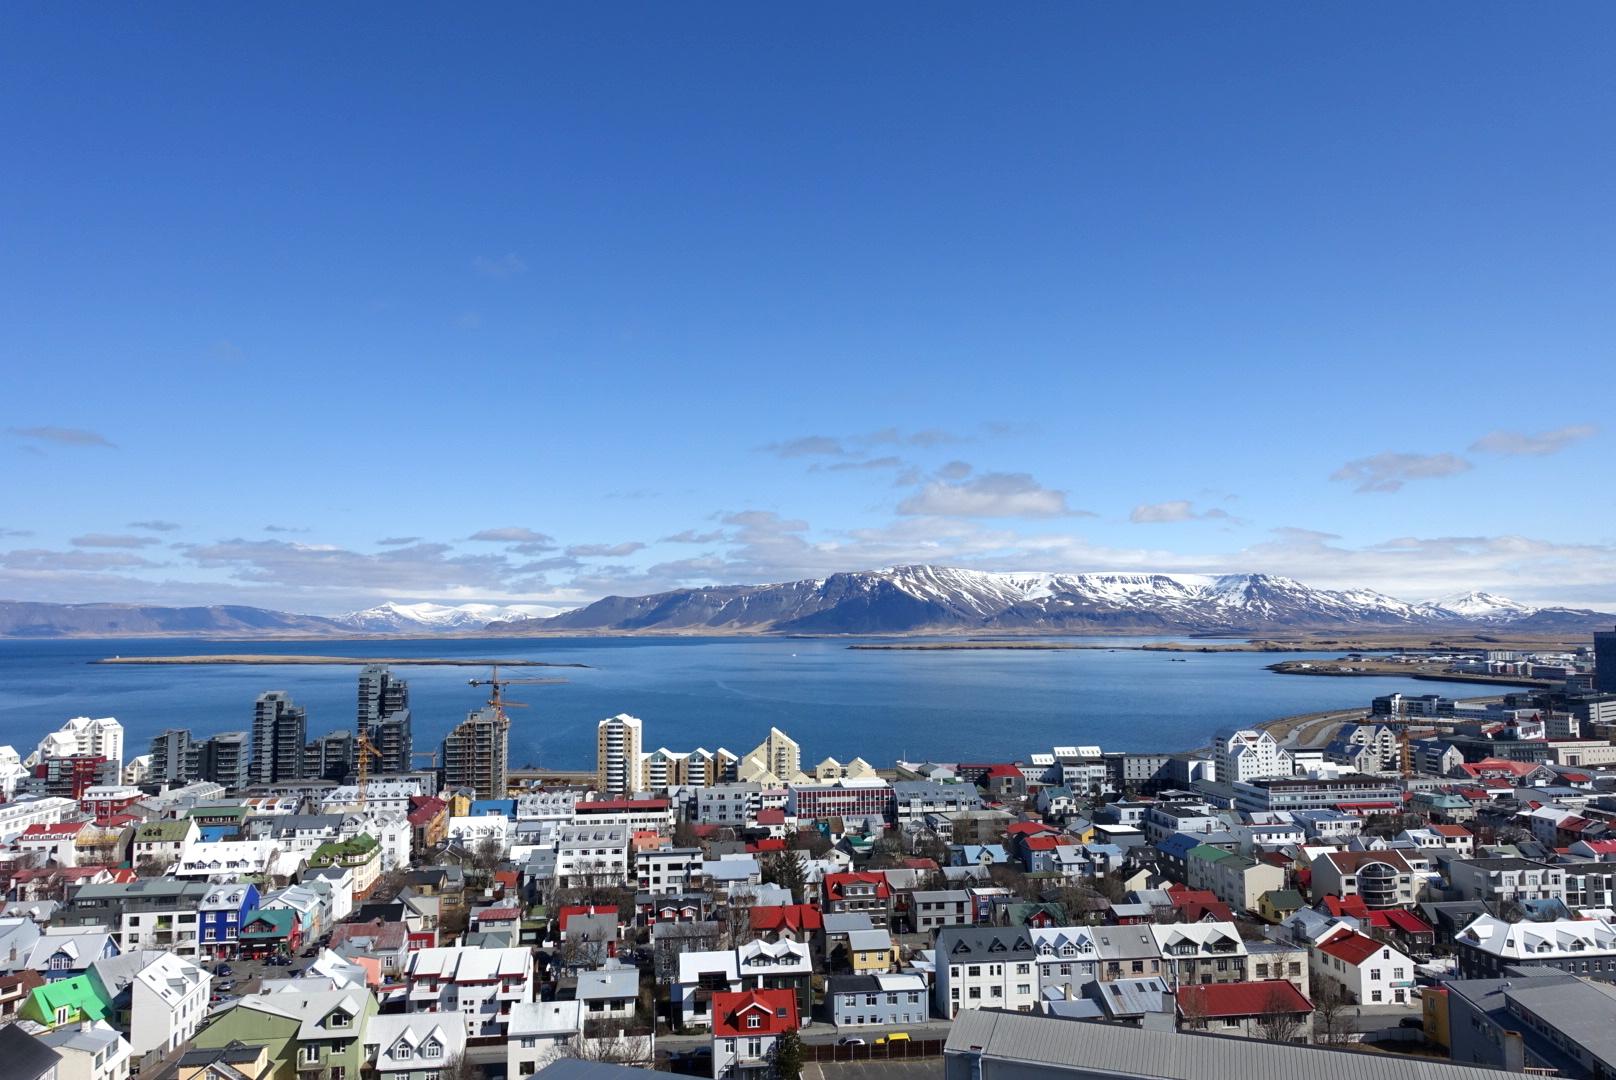 Widok z helikoptera na Reykjavik który jest najdalej na północ wysuniętą stolicą świata.